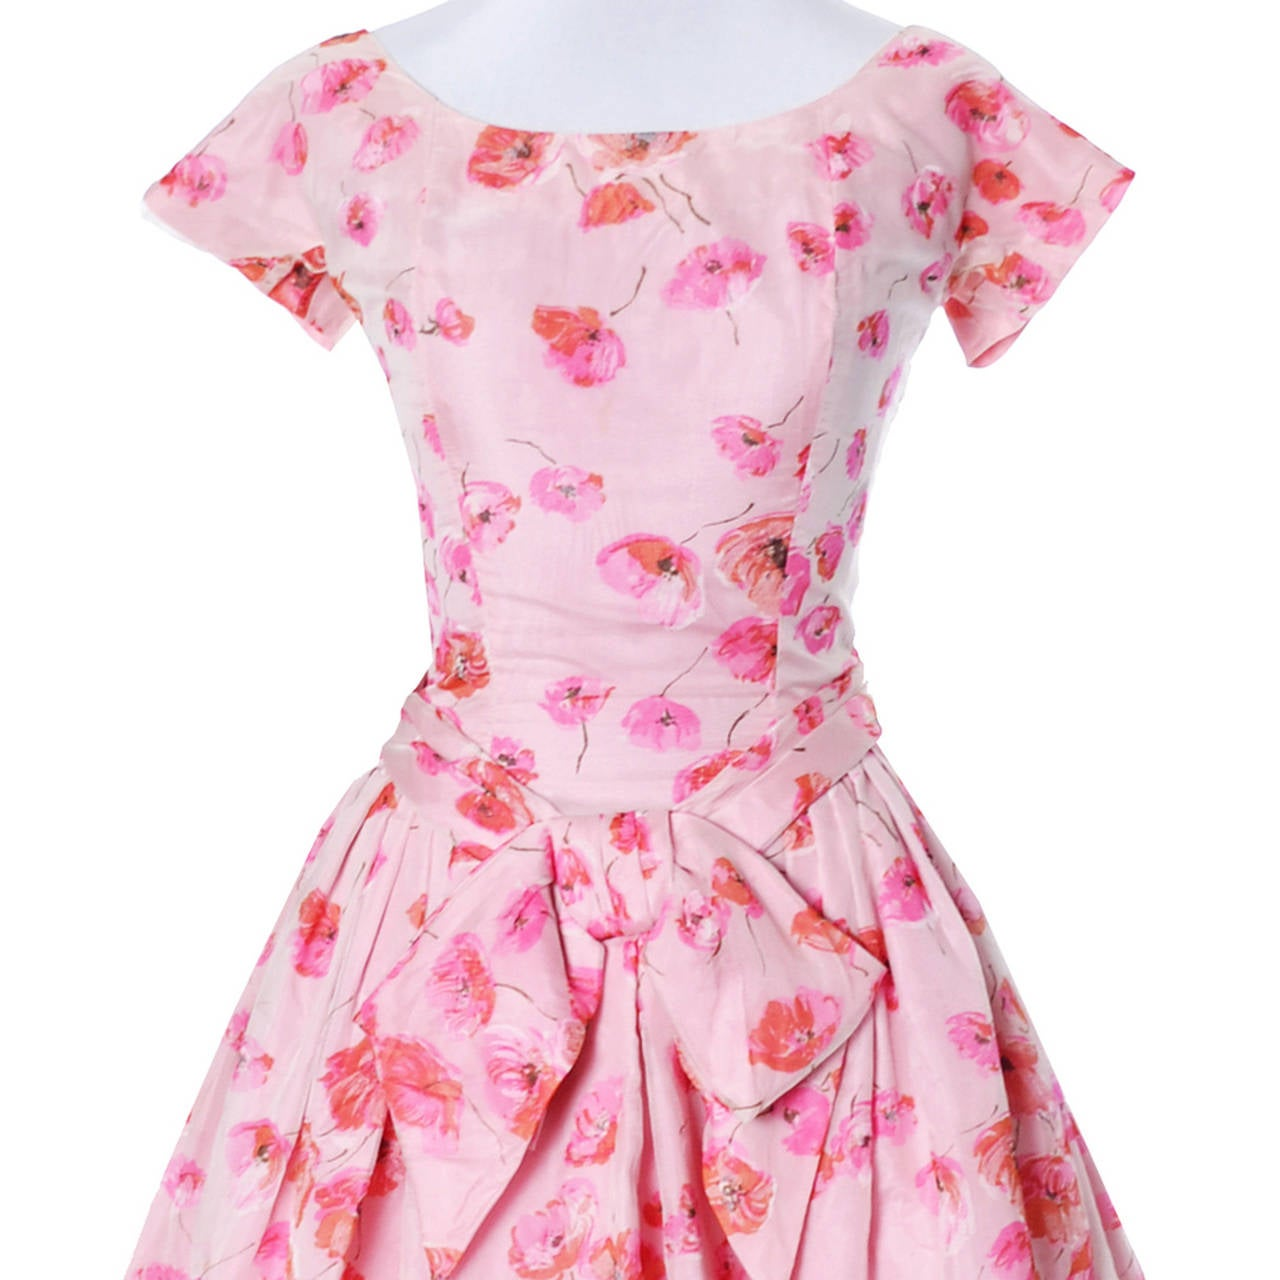 1950s Suzy Perette Vintage Dress Bubble Hem Pink Floral Organza Bow Party Frock 3